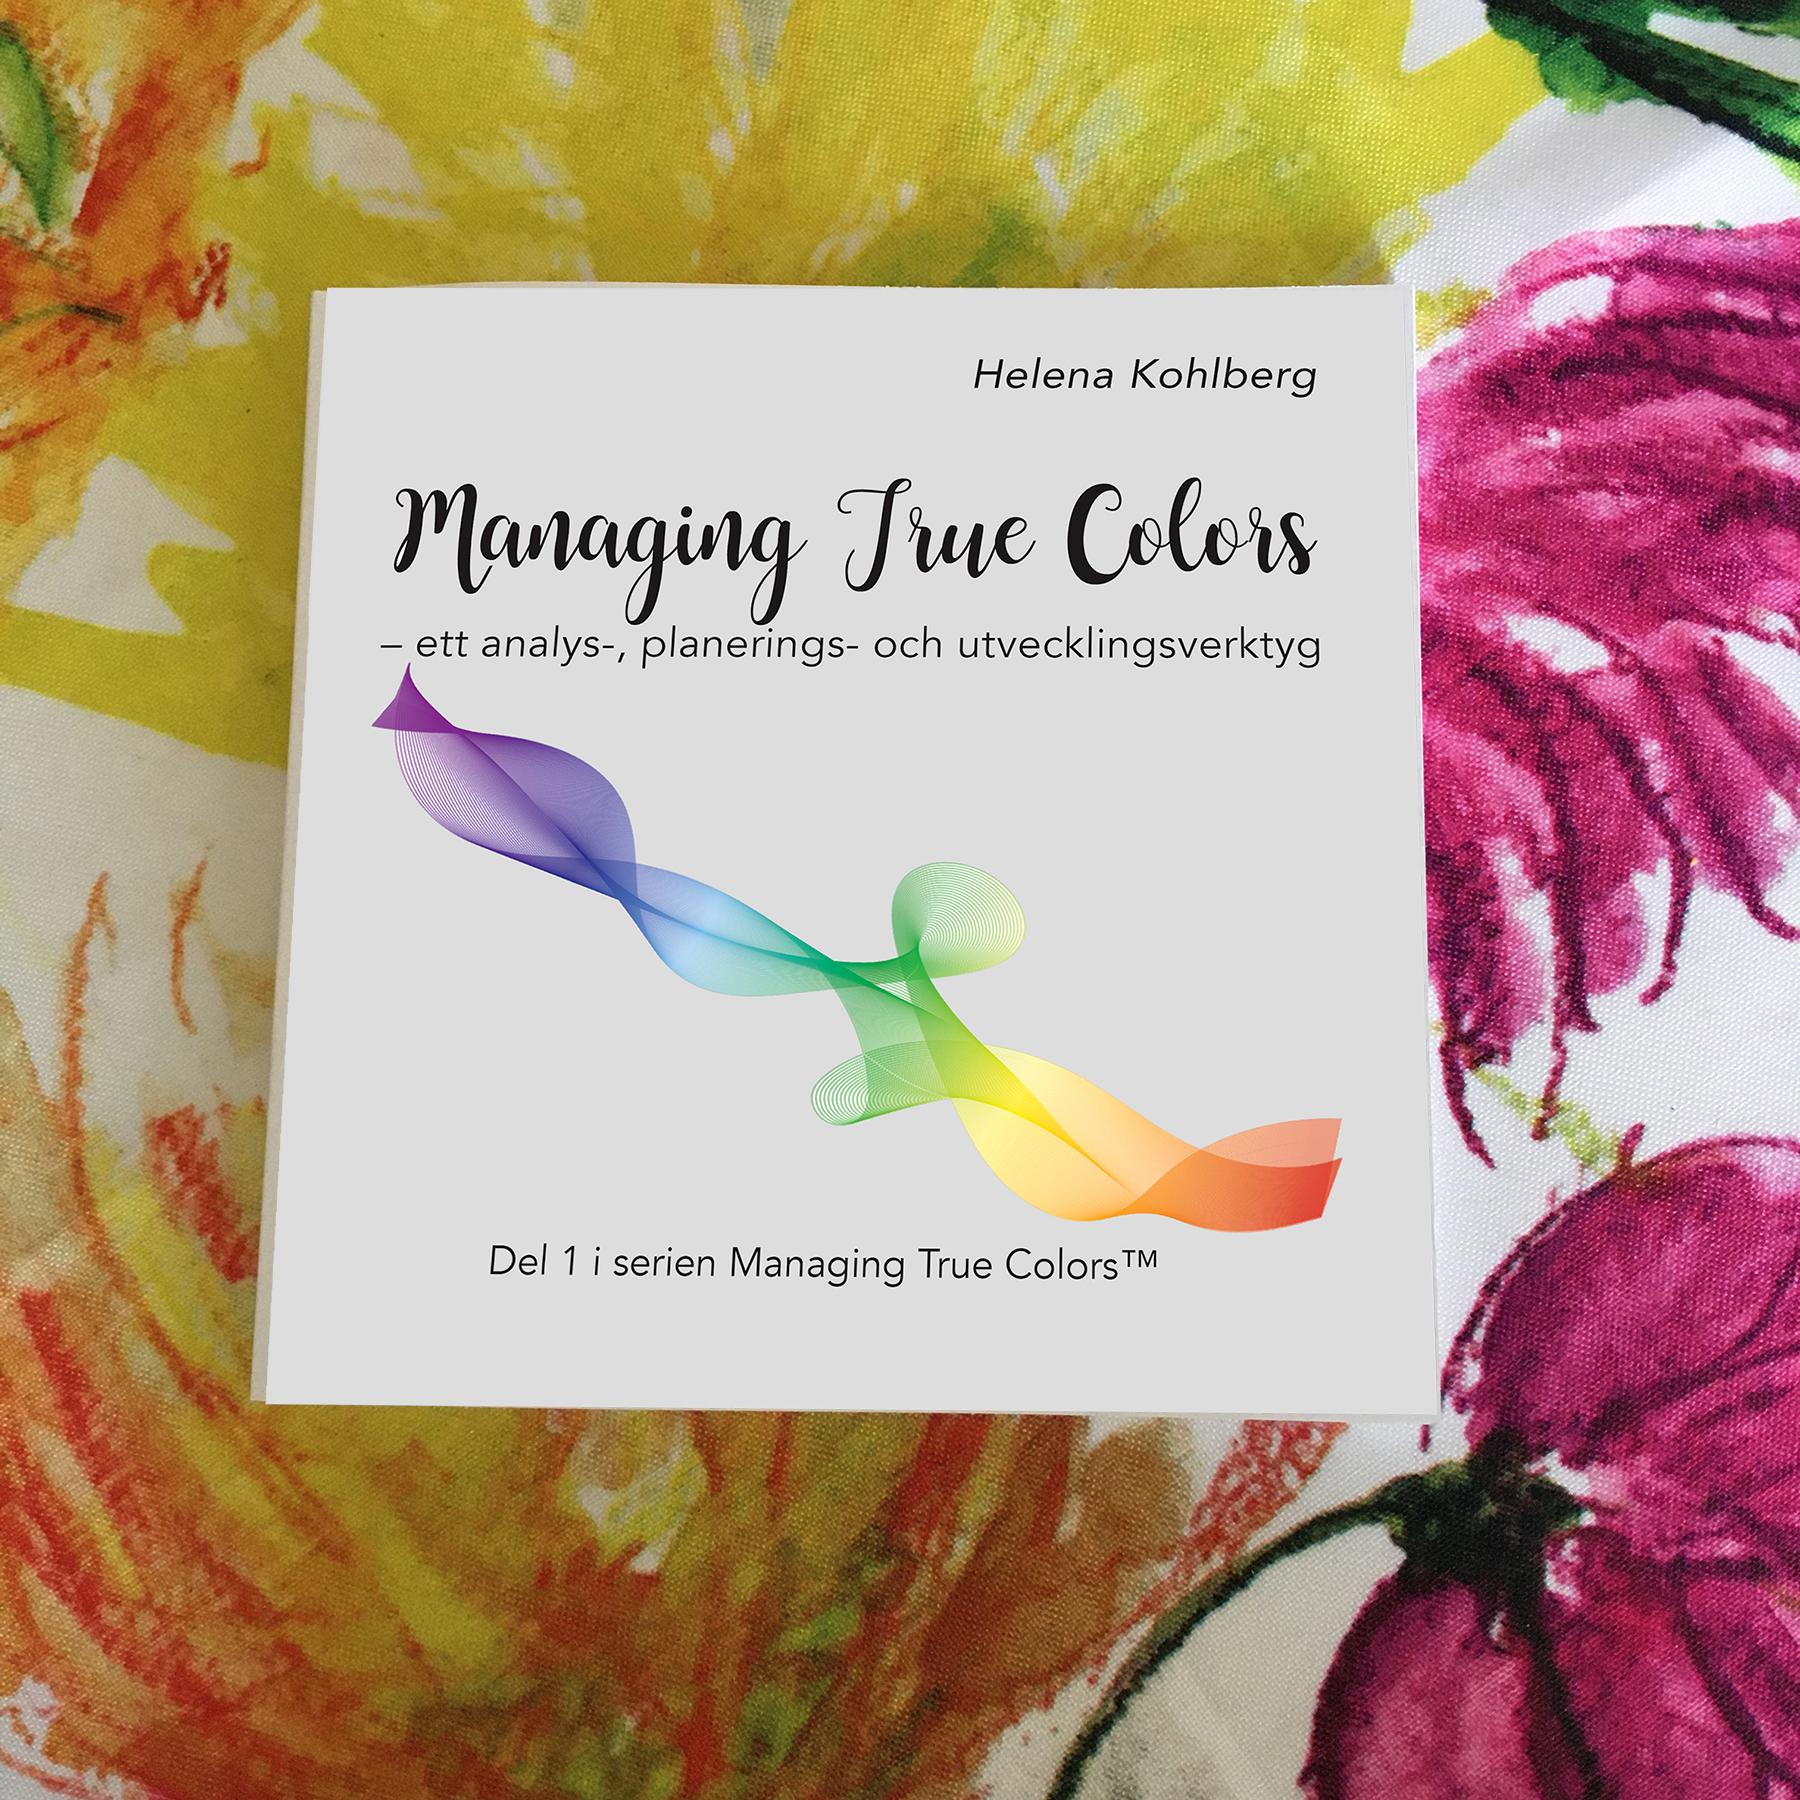 Managing True Colors